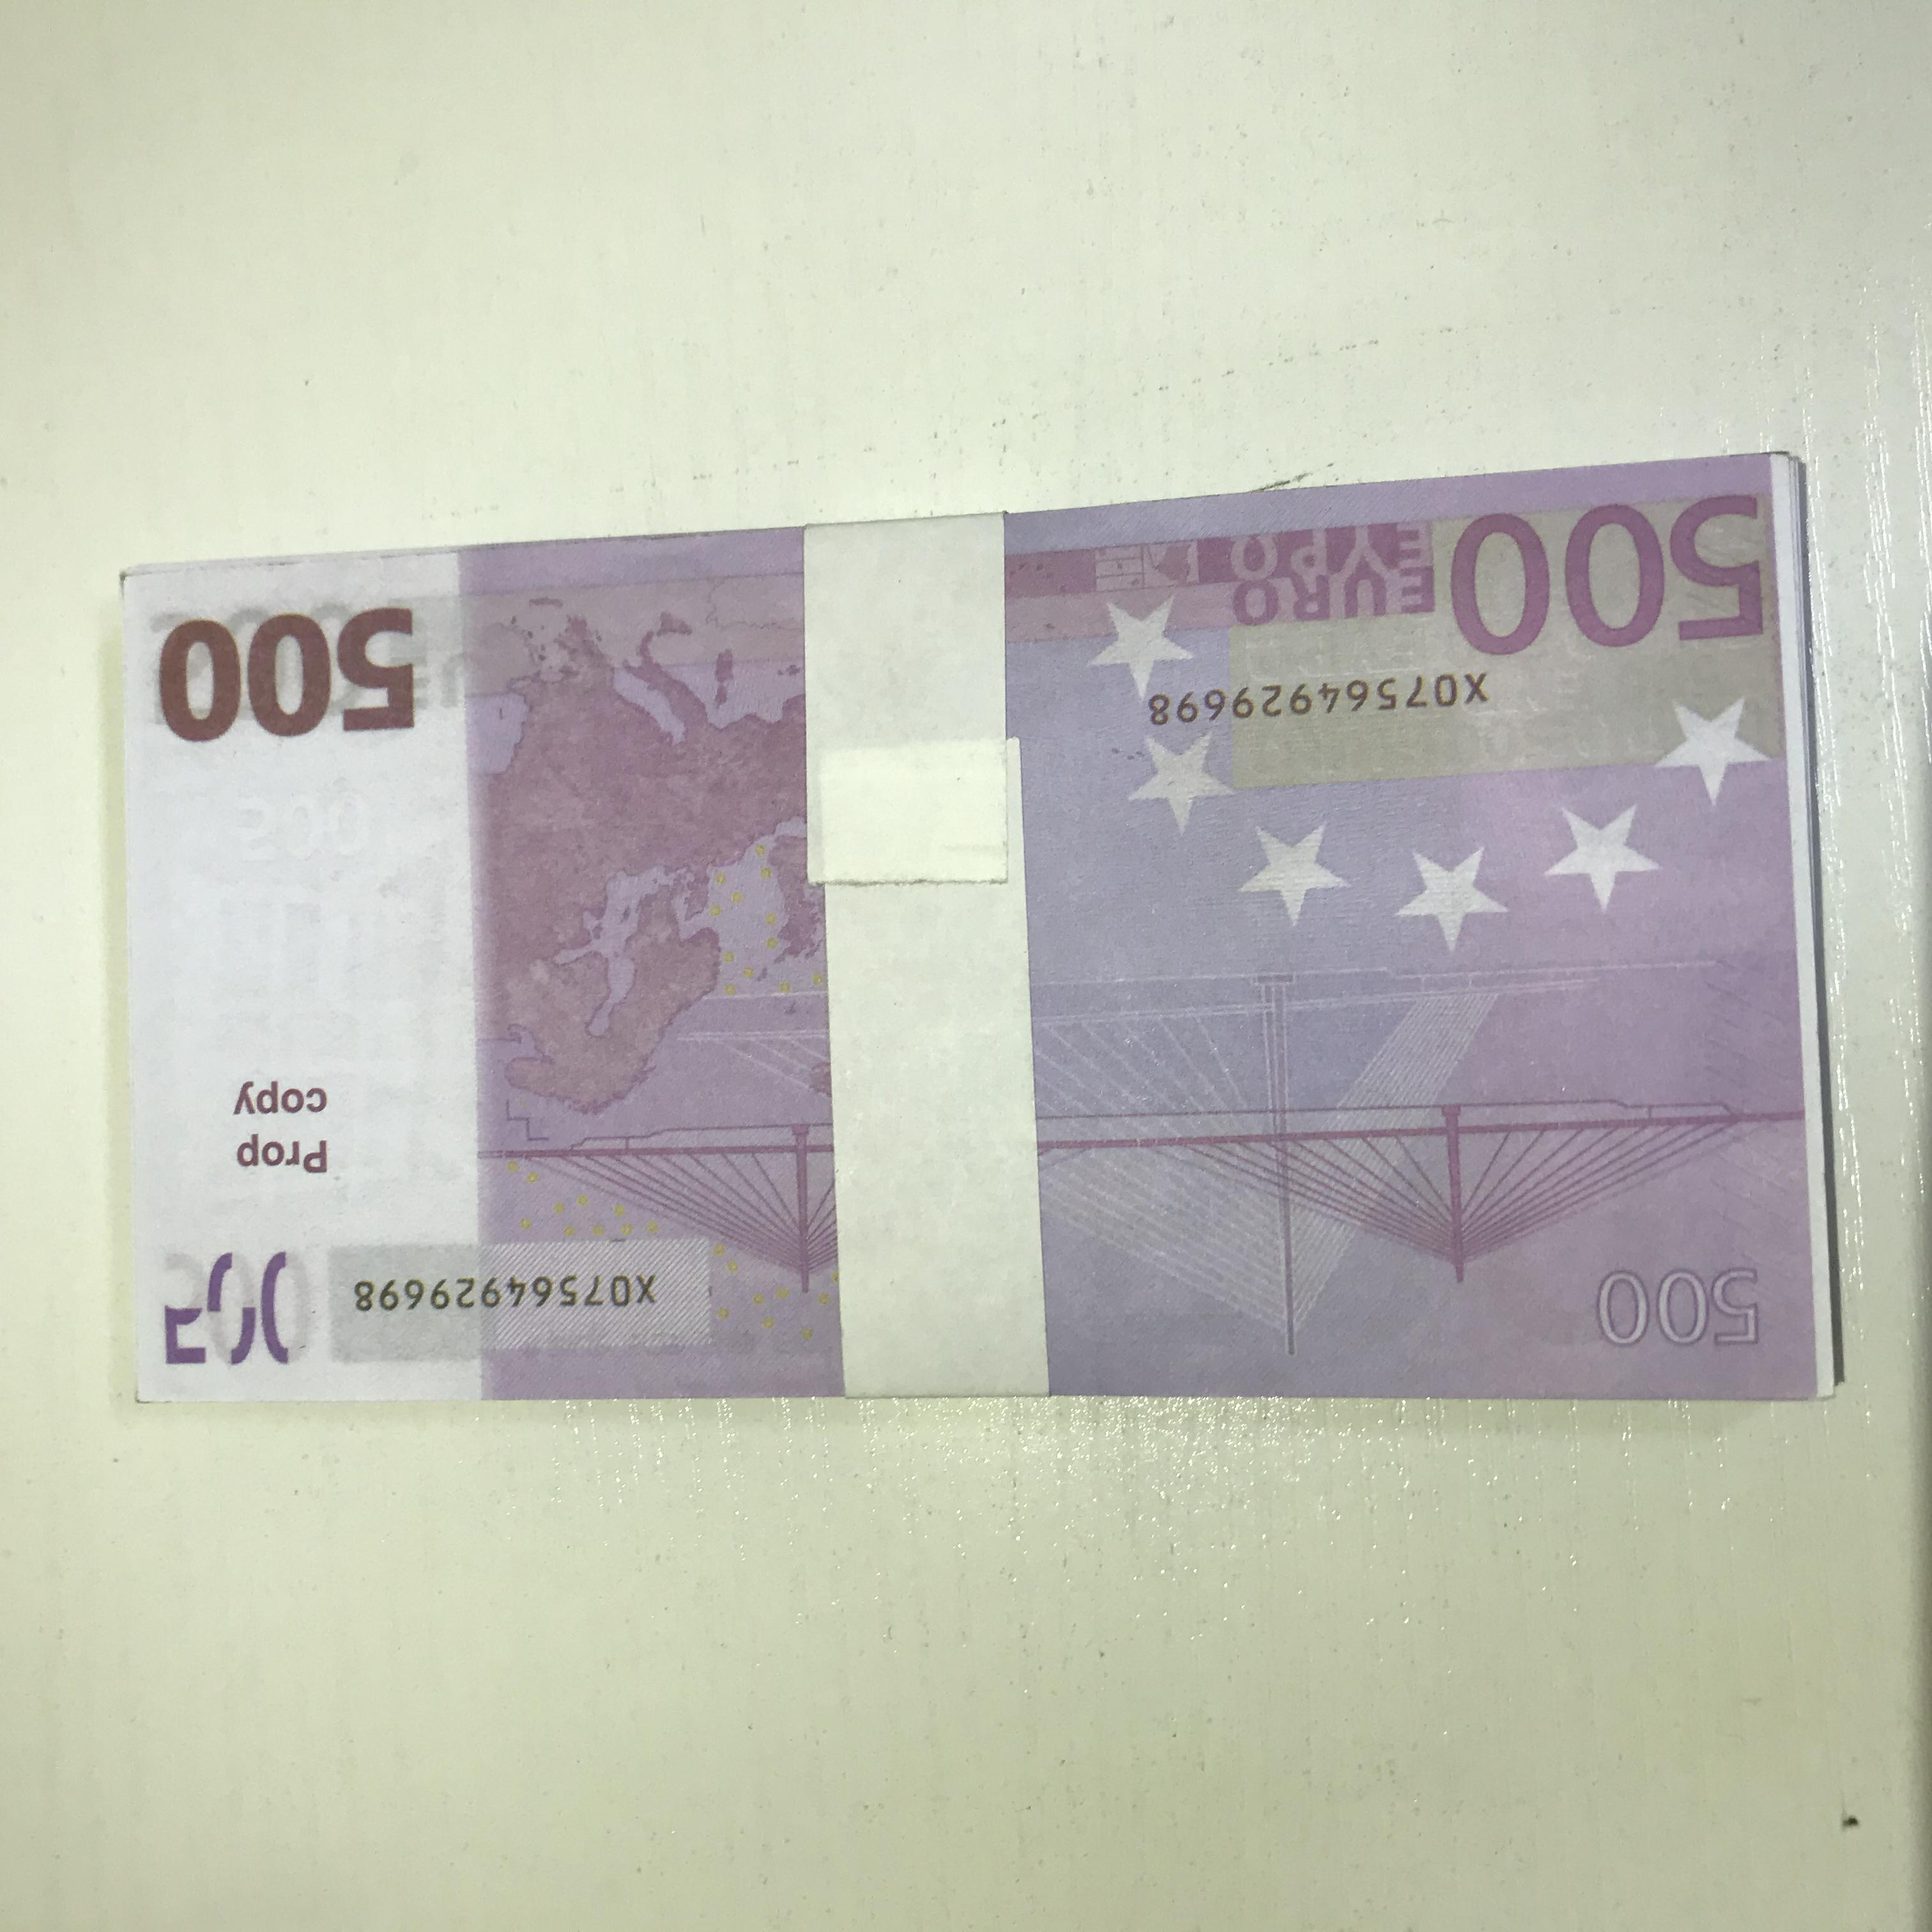 Kinder Prop 500 gefälschte Requisiten Papier Pfund Faux Spielzeug Le500-31 Billet Banknote Geschenk Neue Euro Magic Dollar-Ticket Efsiu deqkt